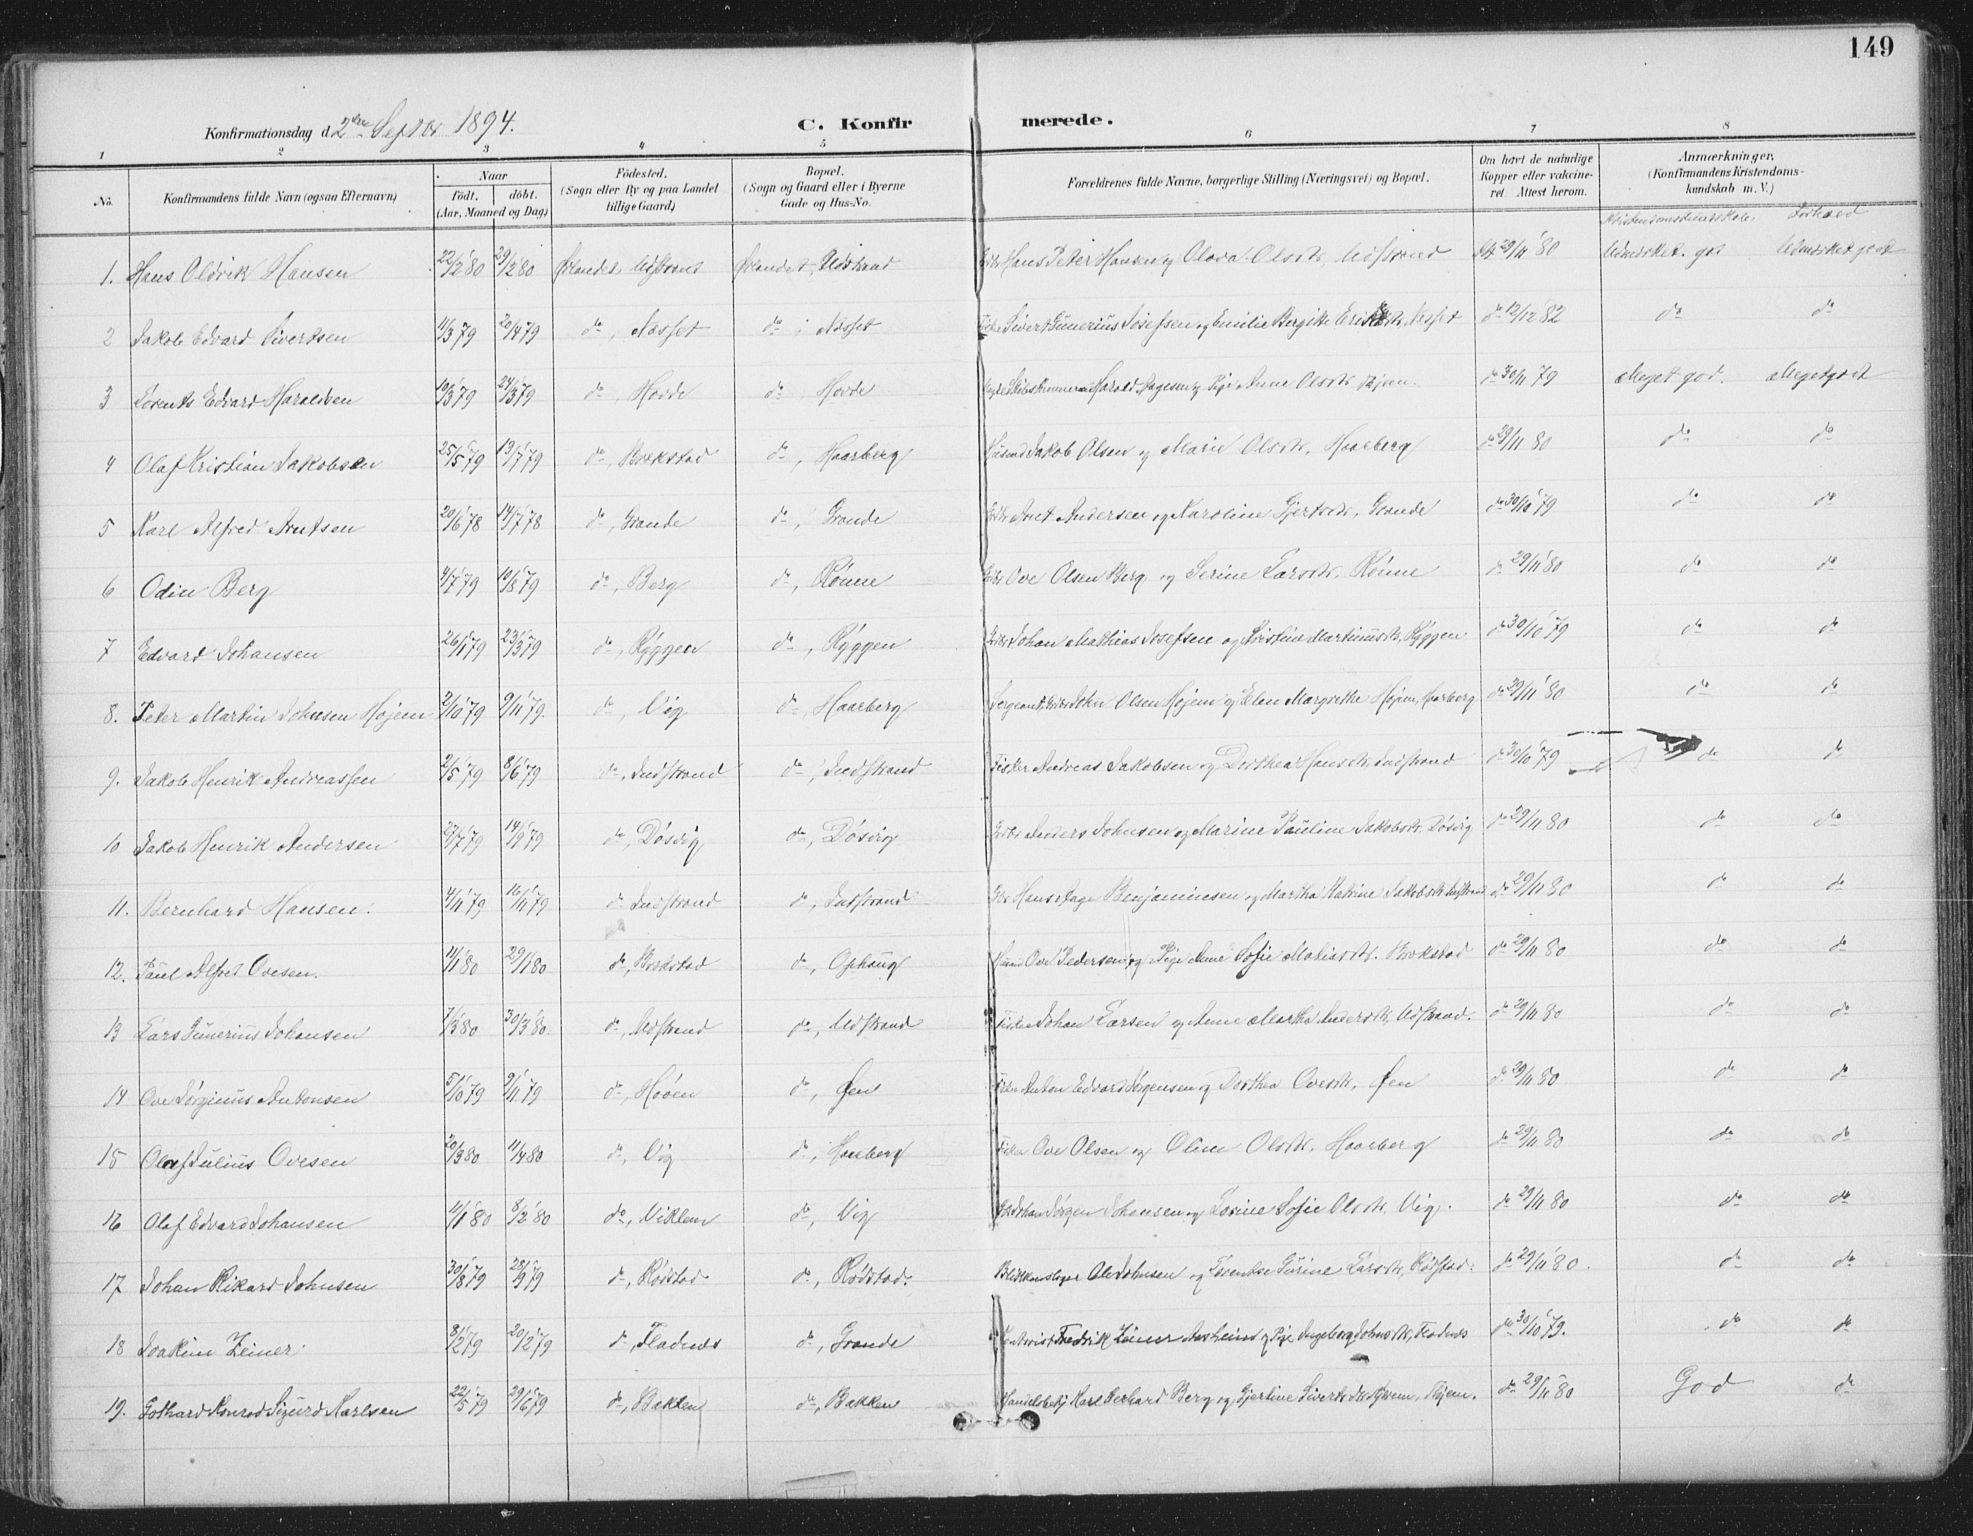 SAT, Ministerialprotokoller, klokkerbøker og fødselsregistre - Sør-Trøndelag, 659/L0743: Ministerialbok nr. 659A13, 1893-1910, s. 149